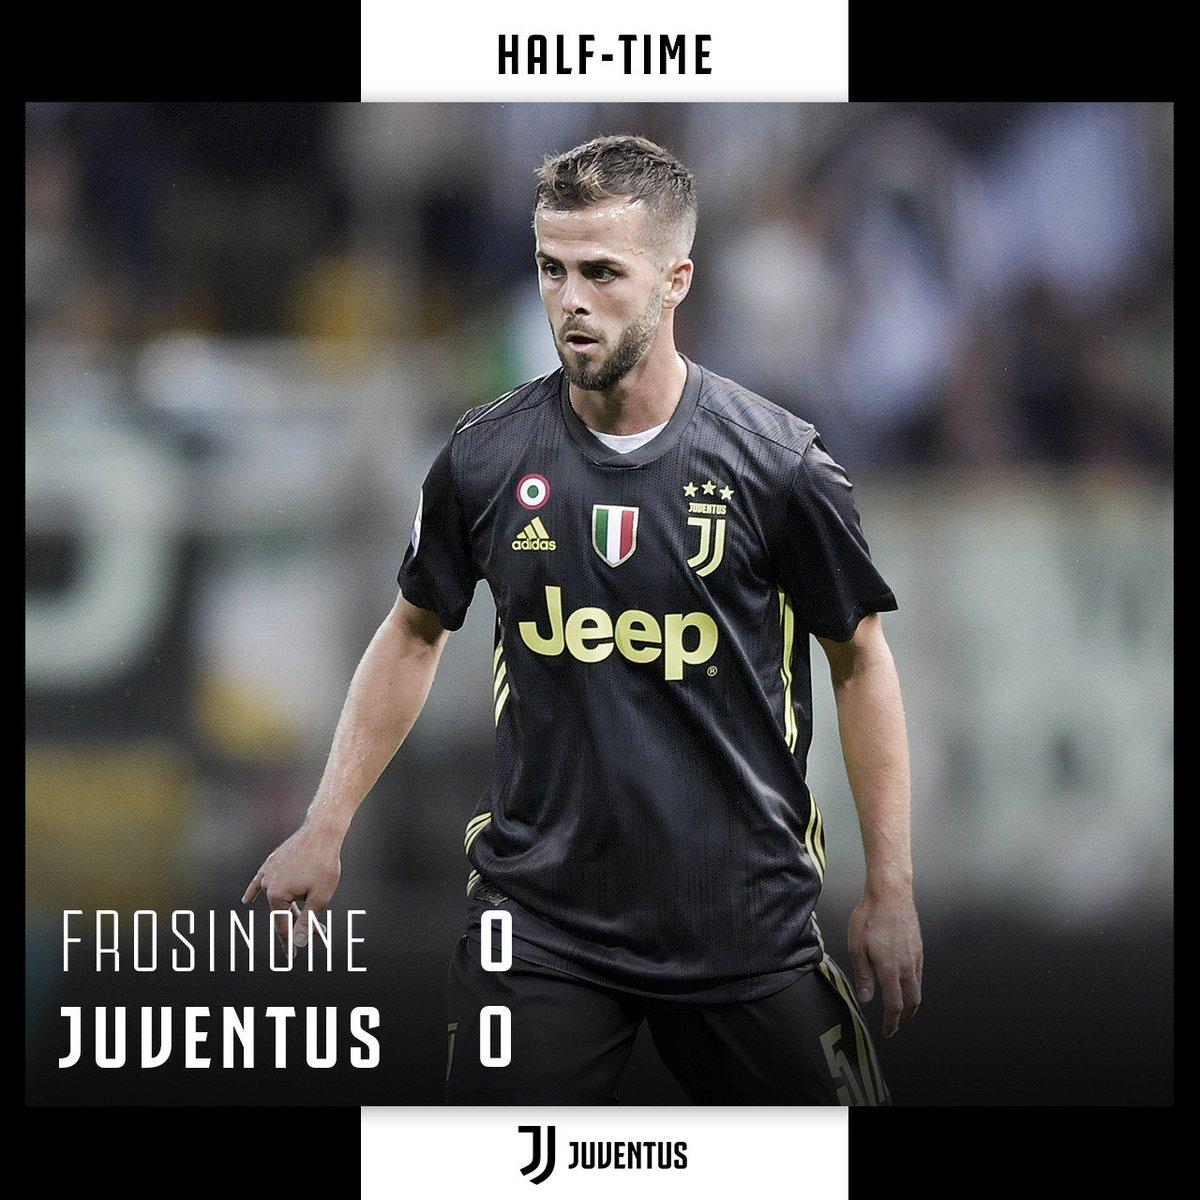 376f1e529fa JUVENTUS SEASON 2018-2019 - Pagina 3 - Juventus news in English ...